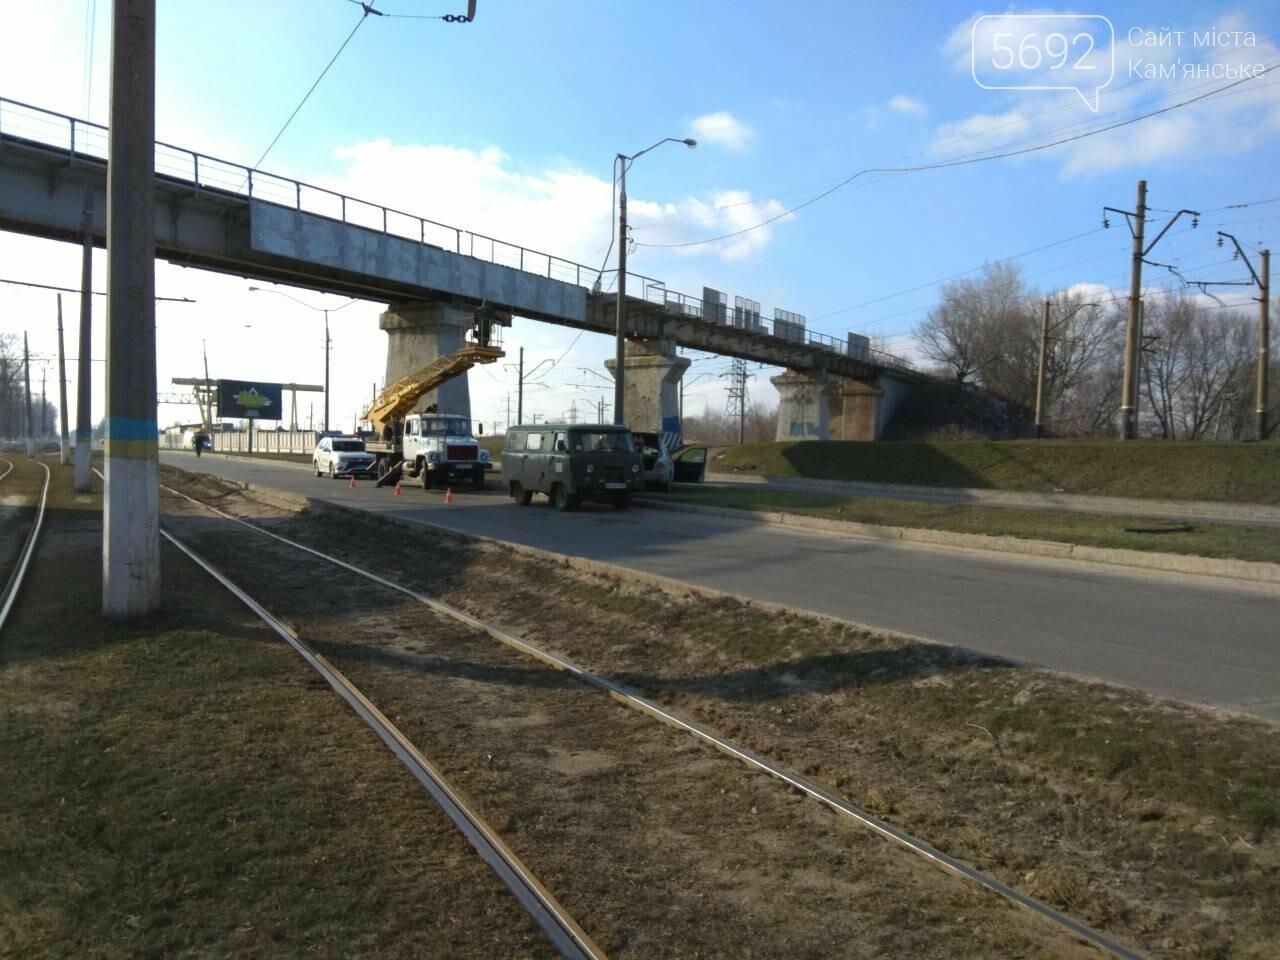 В Каменском автомобиль из Польши врезался в столб, фото-11